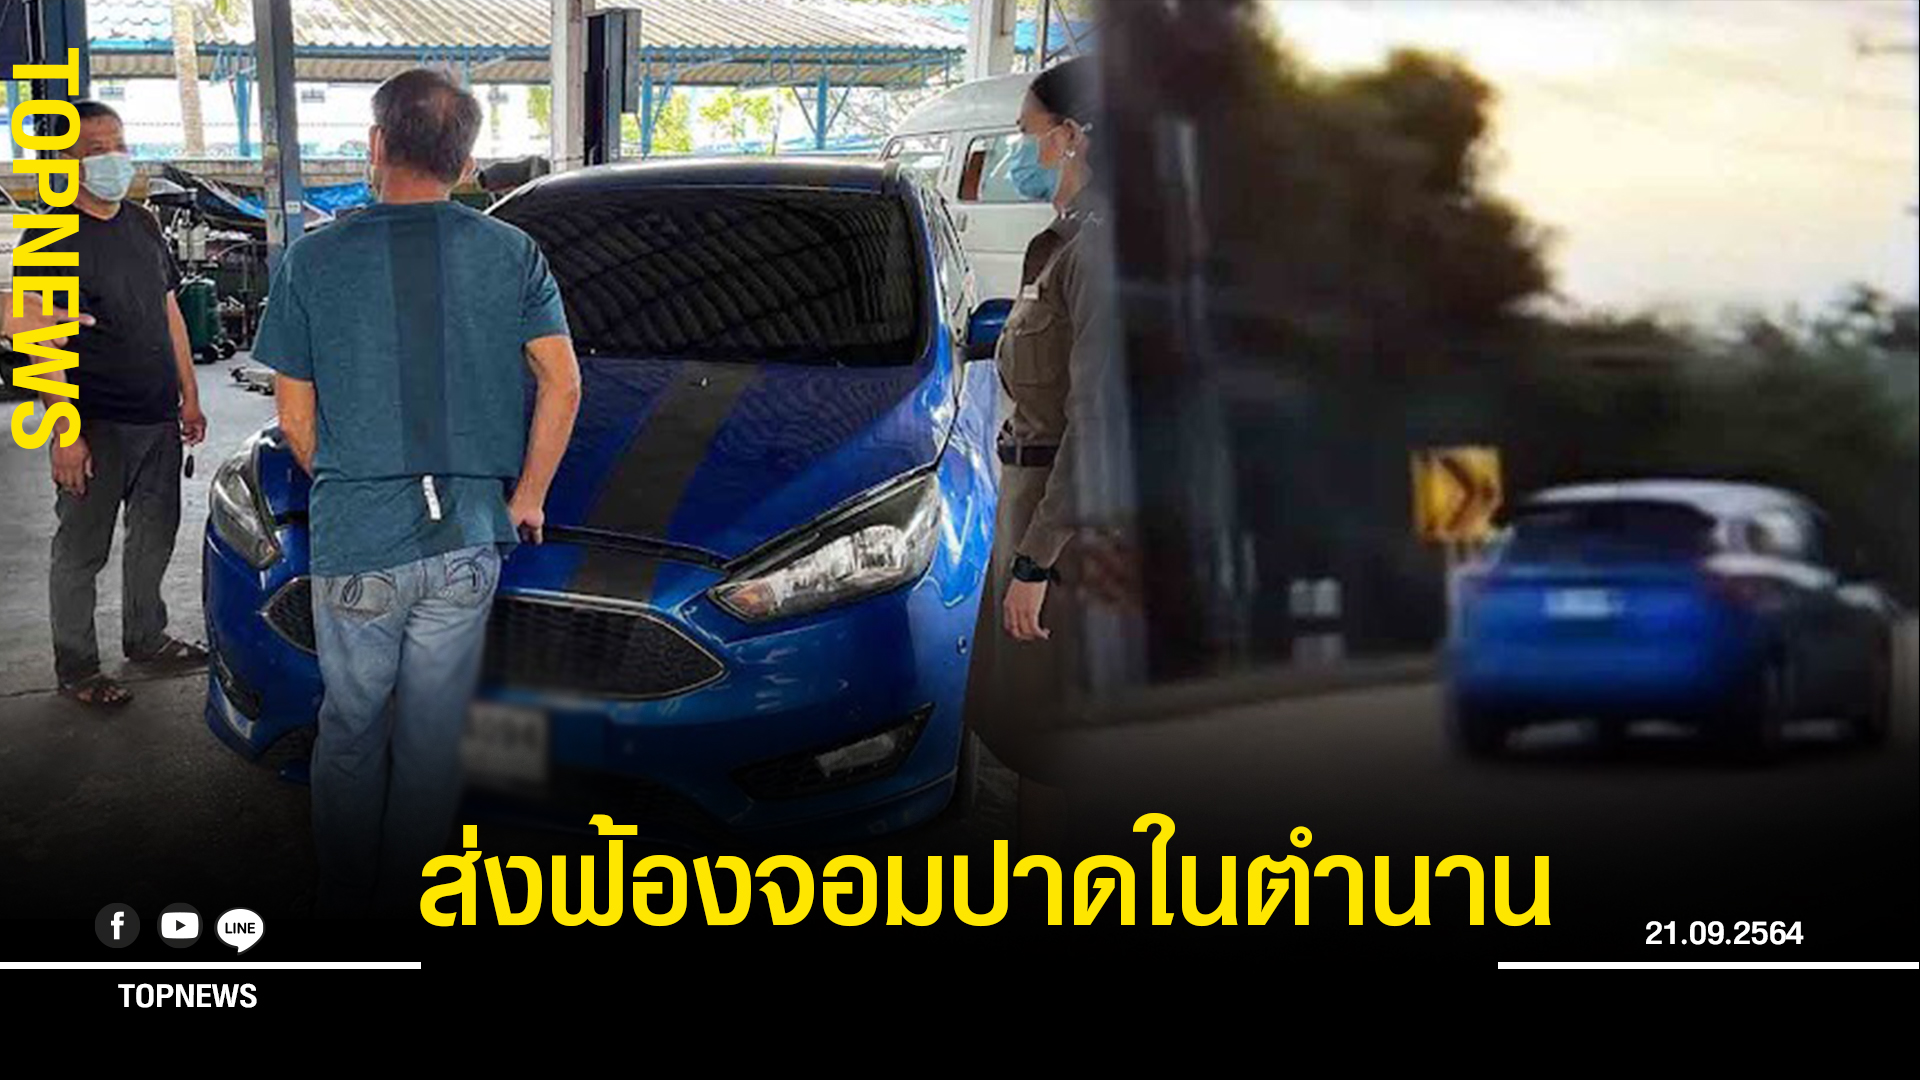 ตร. ส่งฟ้องศาลแล้ว รถเก๋งสีน้ำเงิน จอมปาดในตำนาน สร้างวีรกรรมนับครั้งไม่ถ้วน!